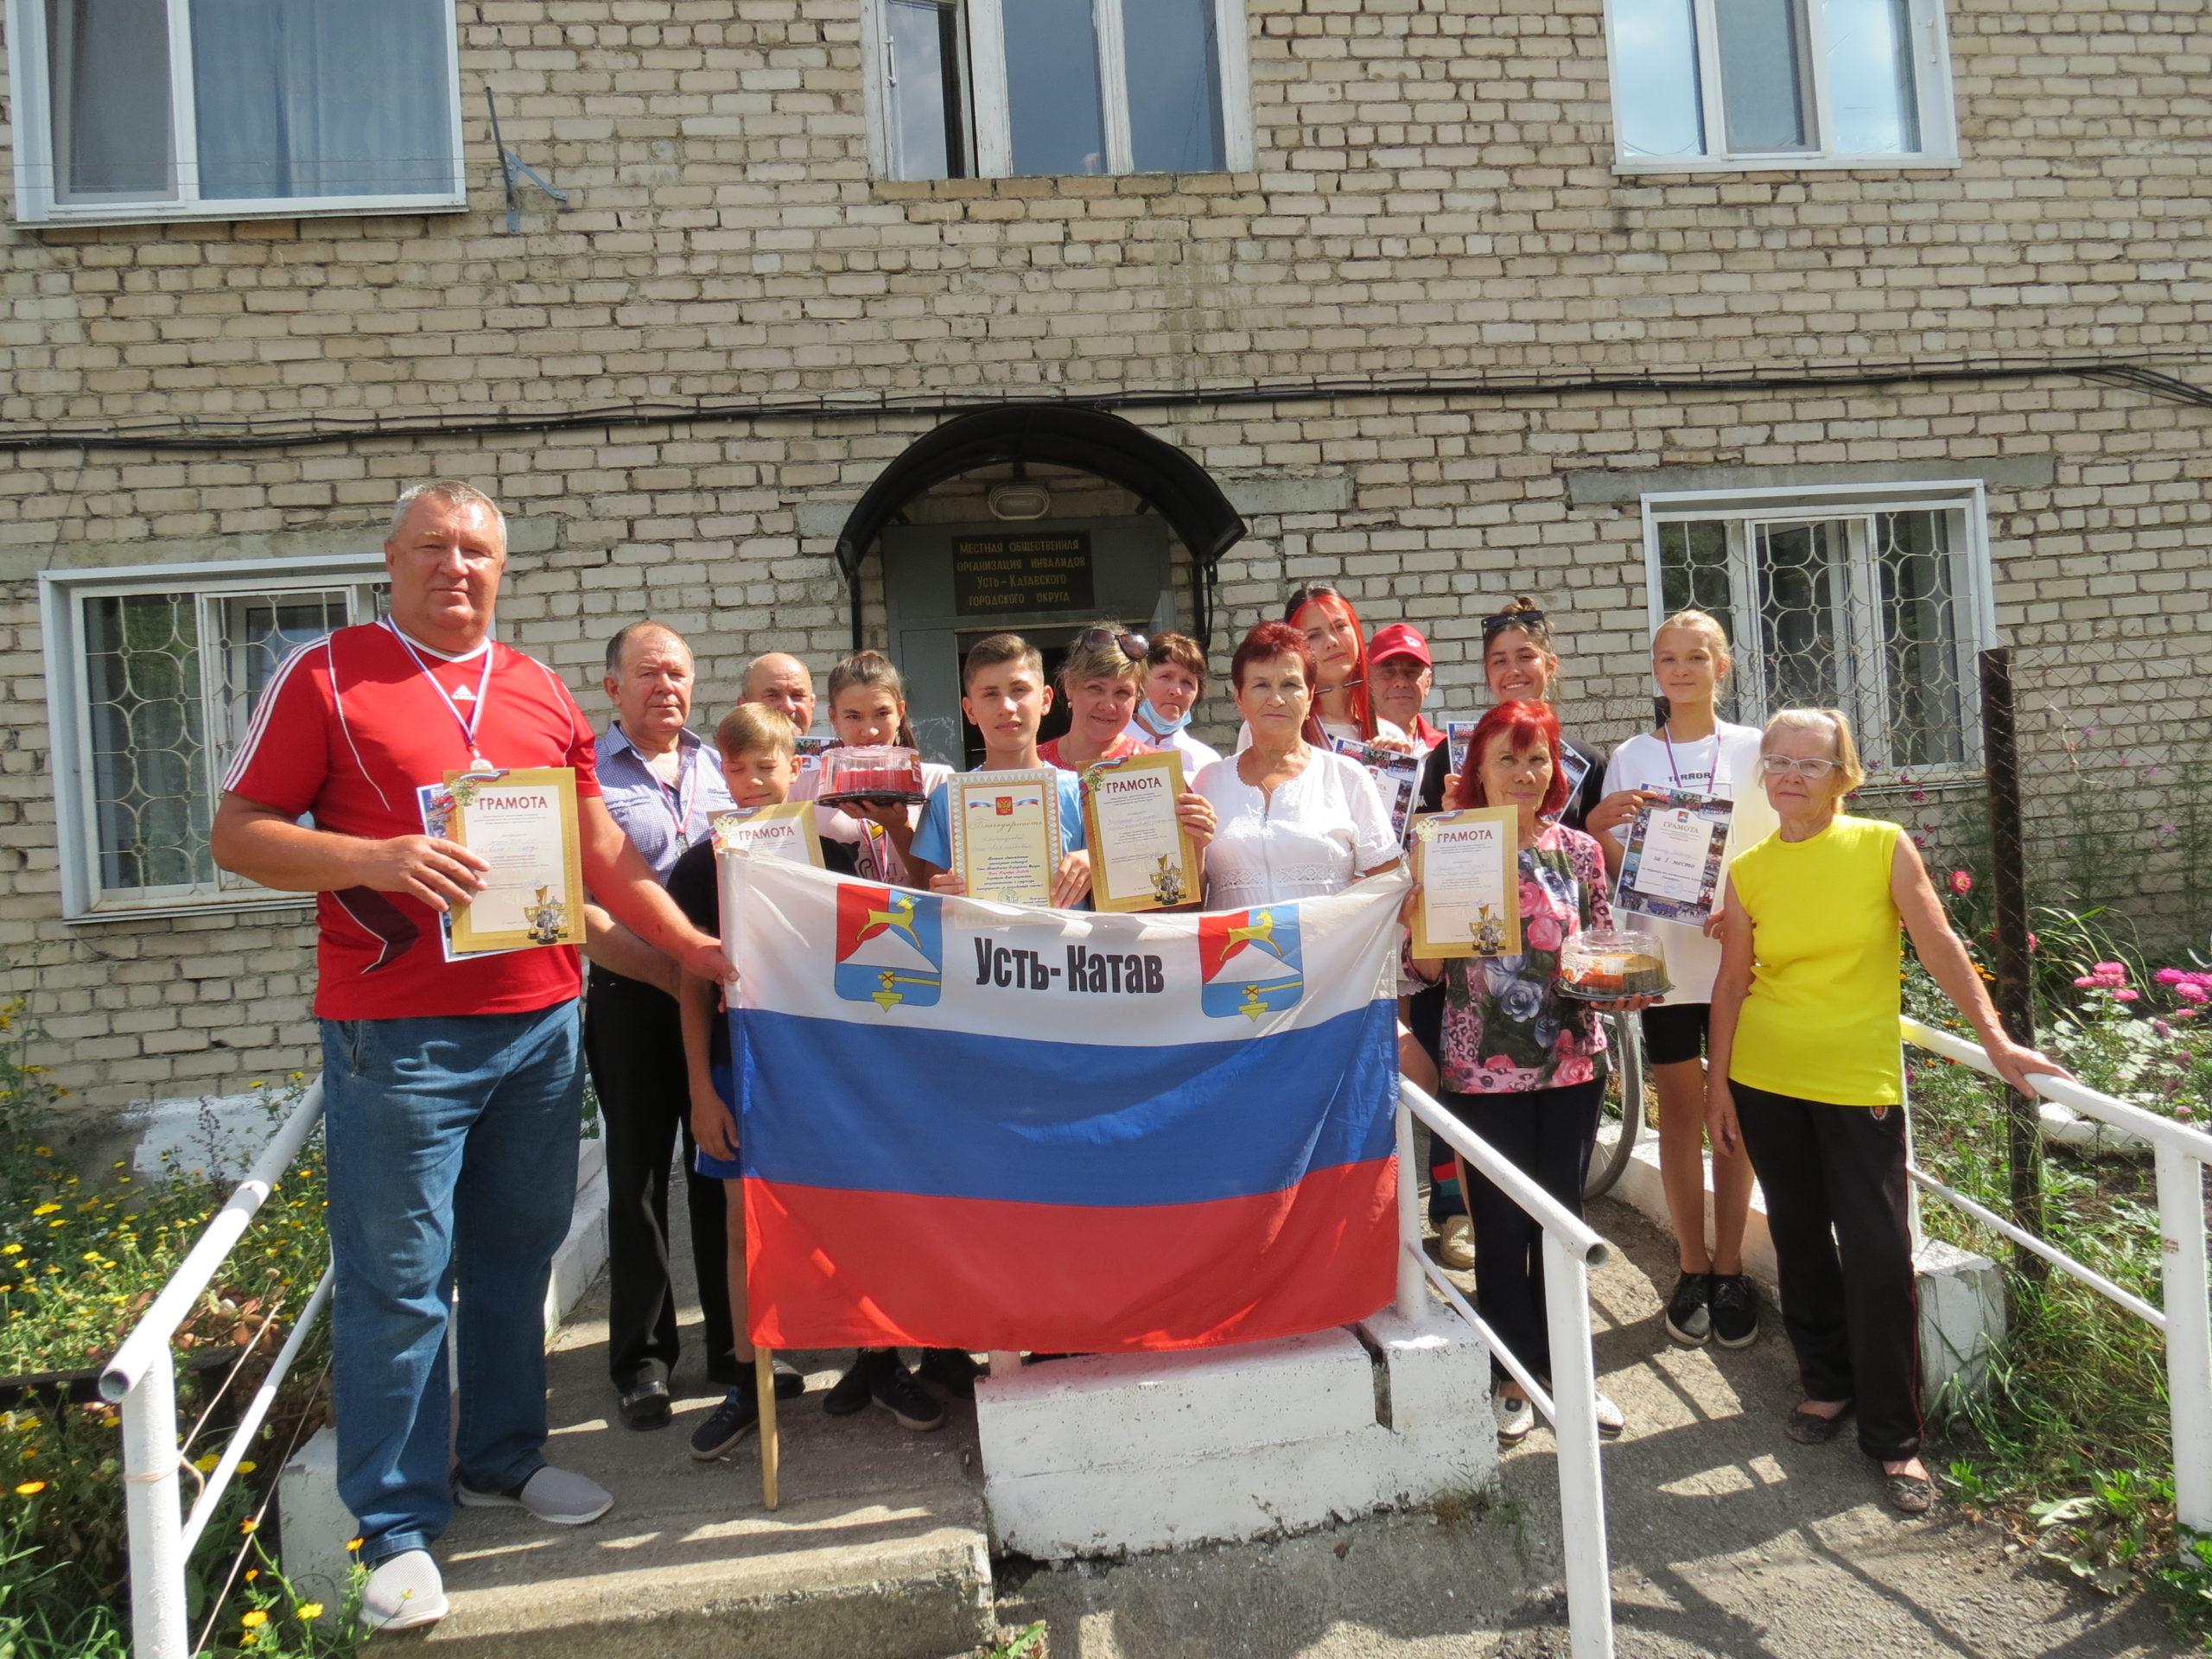 В Усть-Катаве состоялся турнир по настольным спортивным играм джакколо и шаффлборд